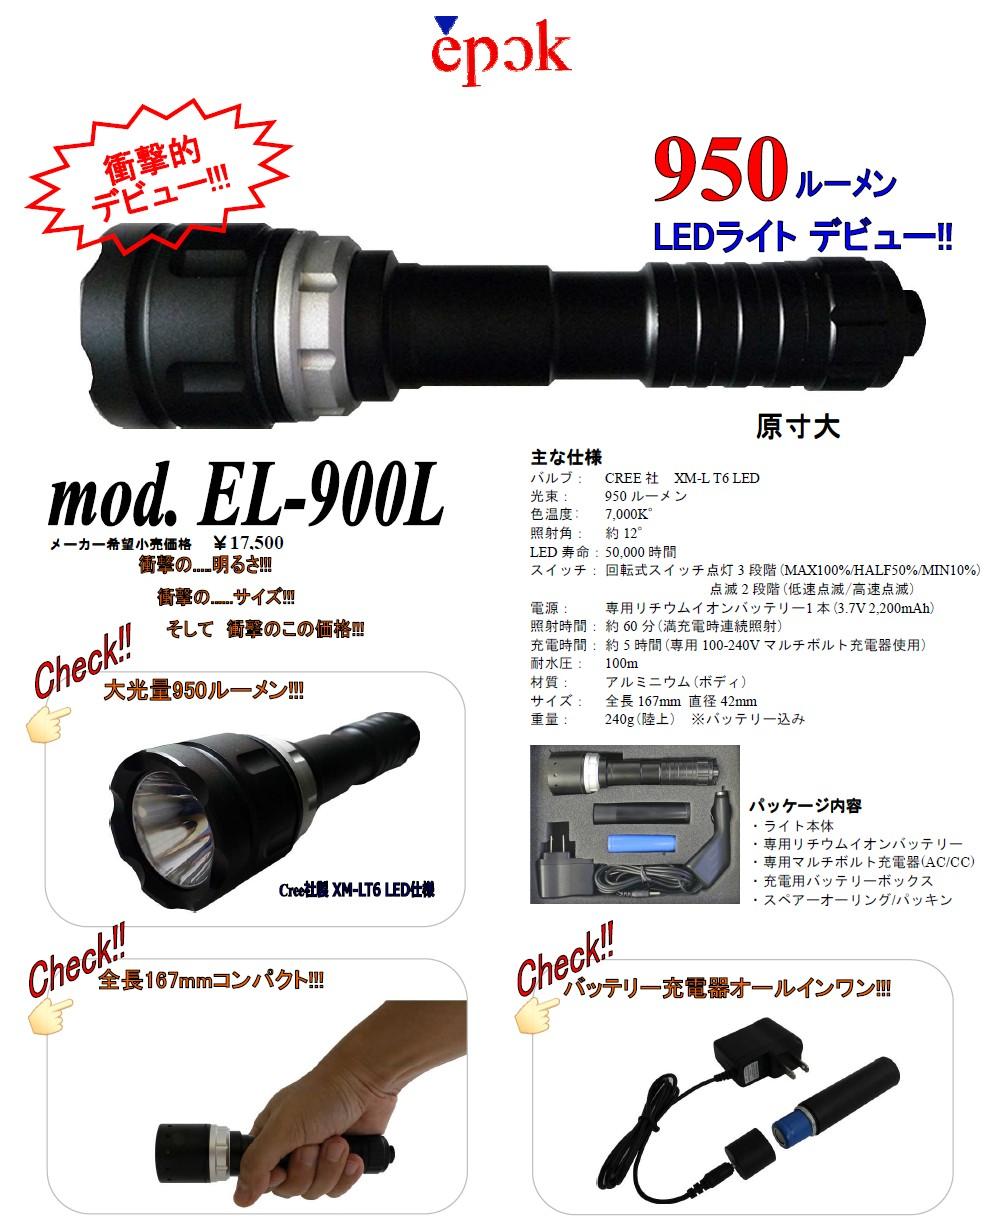 950ルーメンの大光量LEDライト「EL-900L」新登場